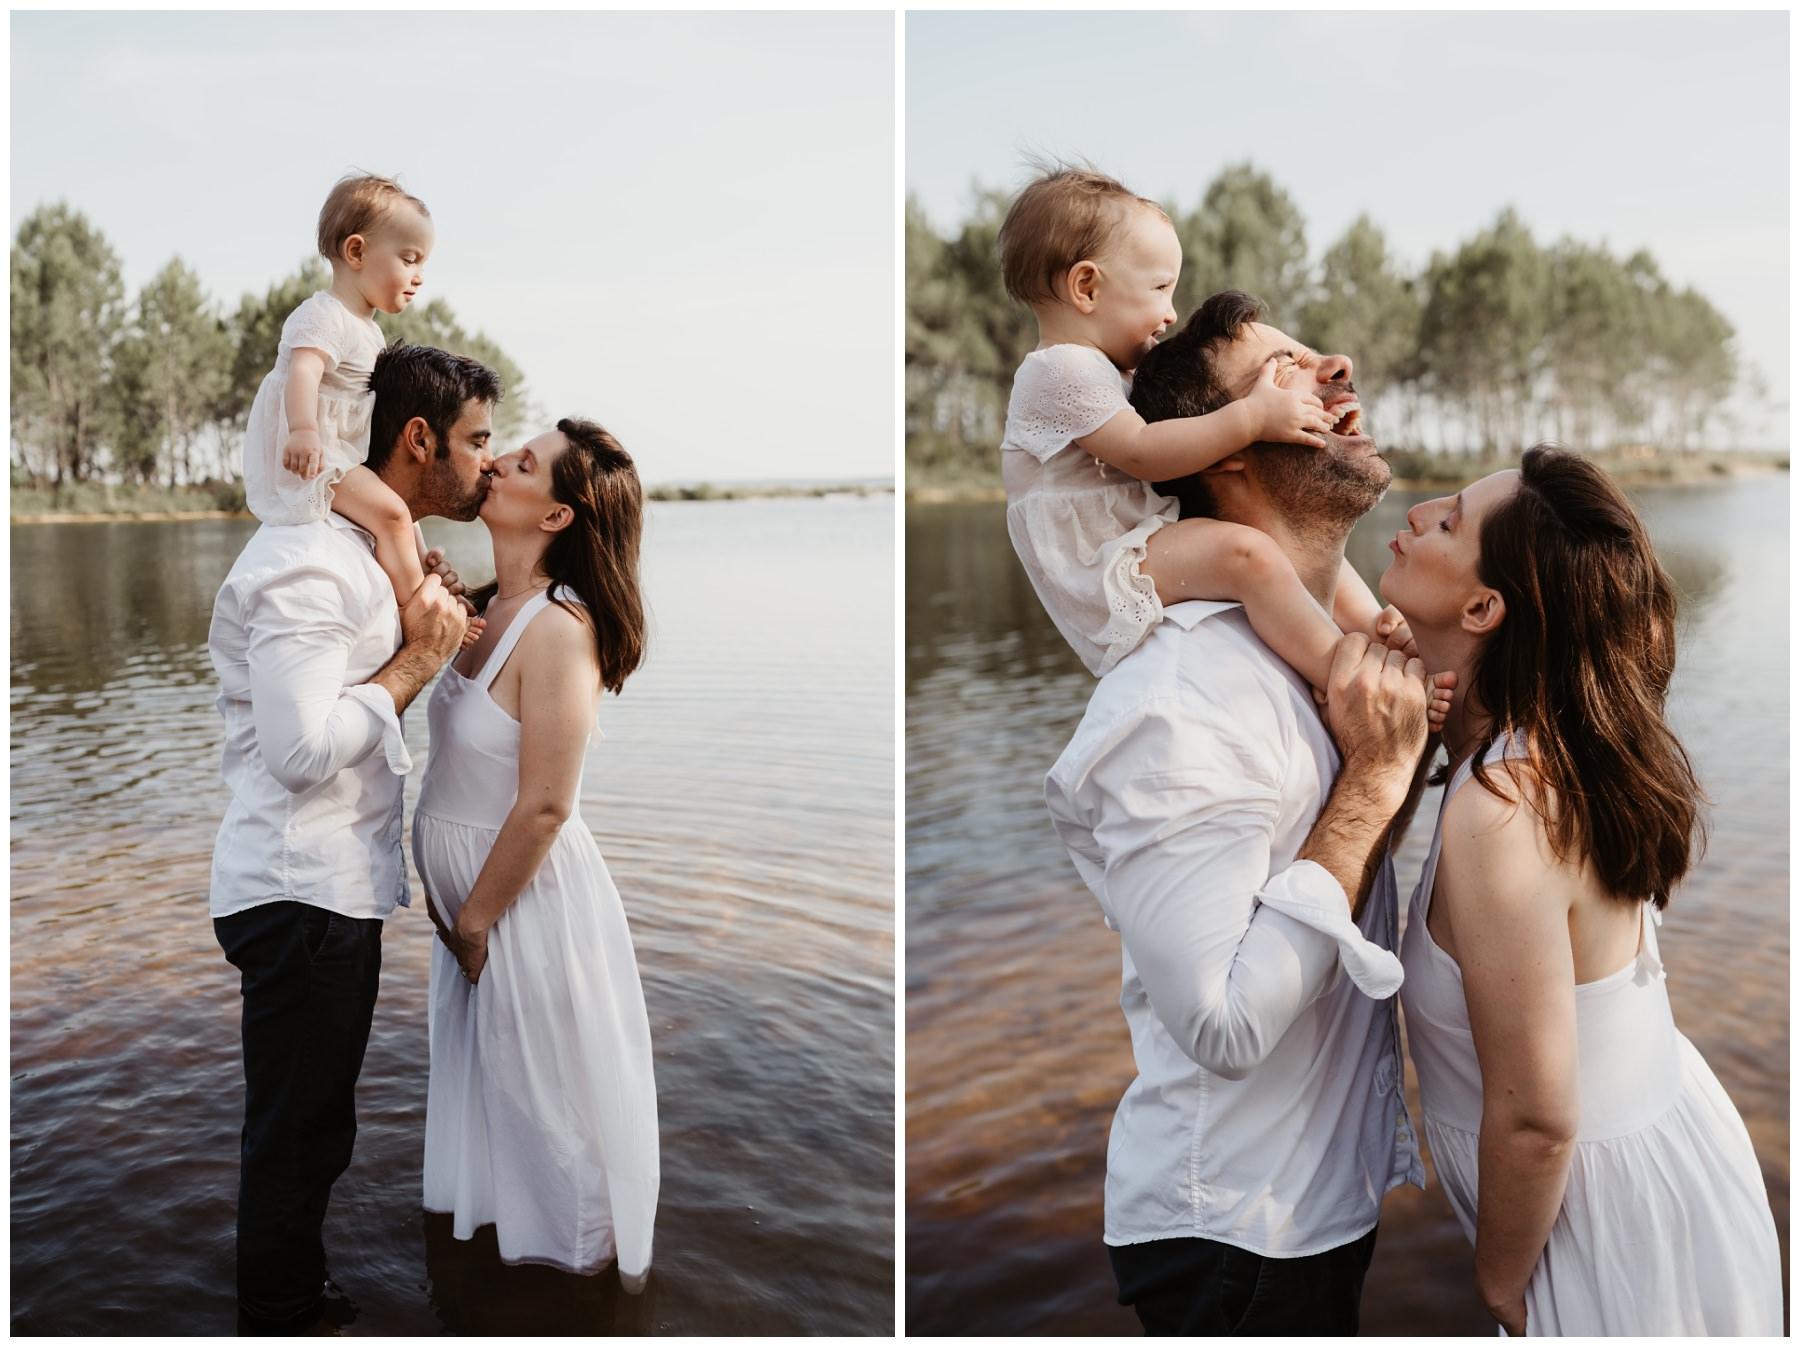 famille lac lacanau